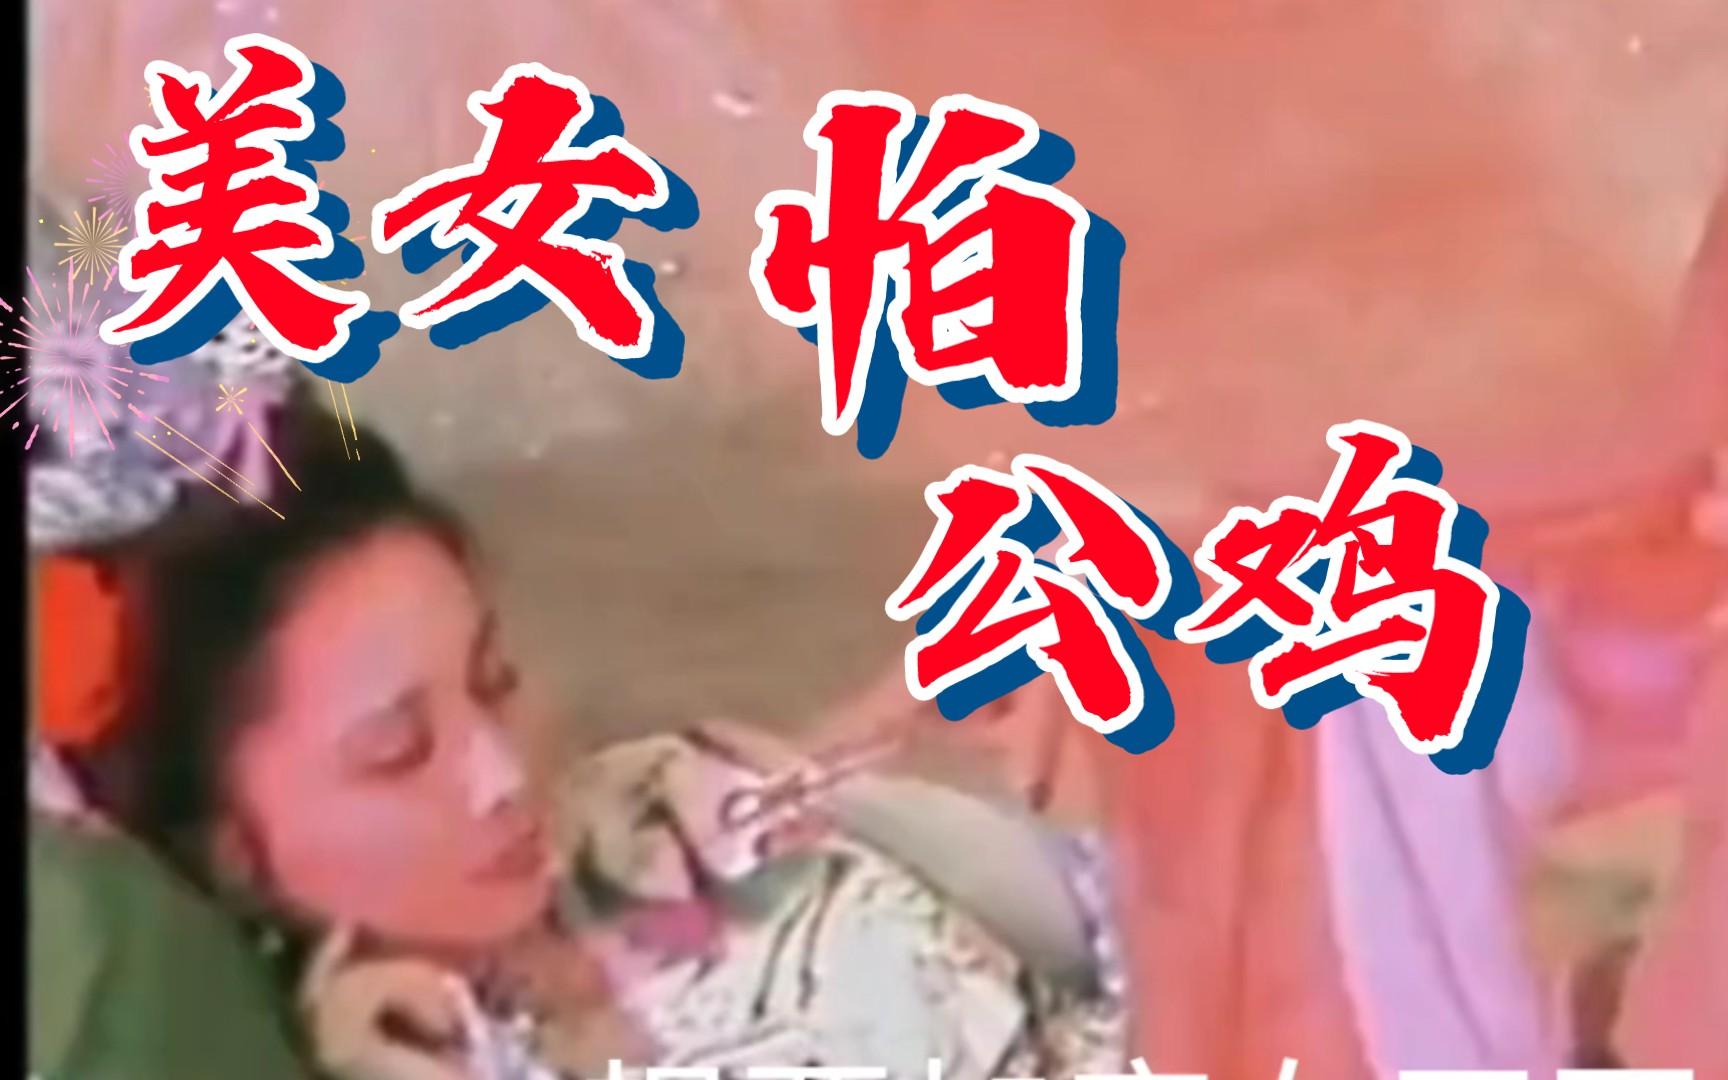 鹿鹿九鱼西游记十大妖精系列之五武德充沛恋爱脑的蝎子精,为何刺佛祖,镇菩萨,伤悟空后却依然横死